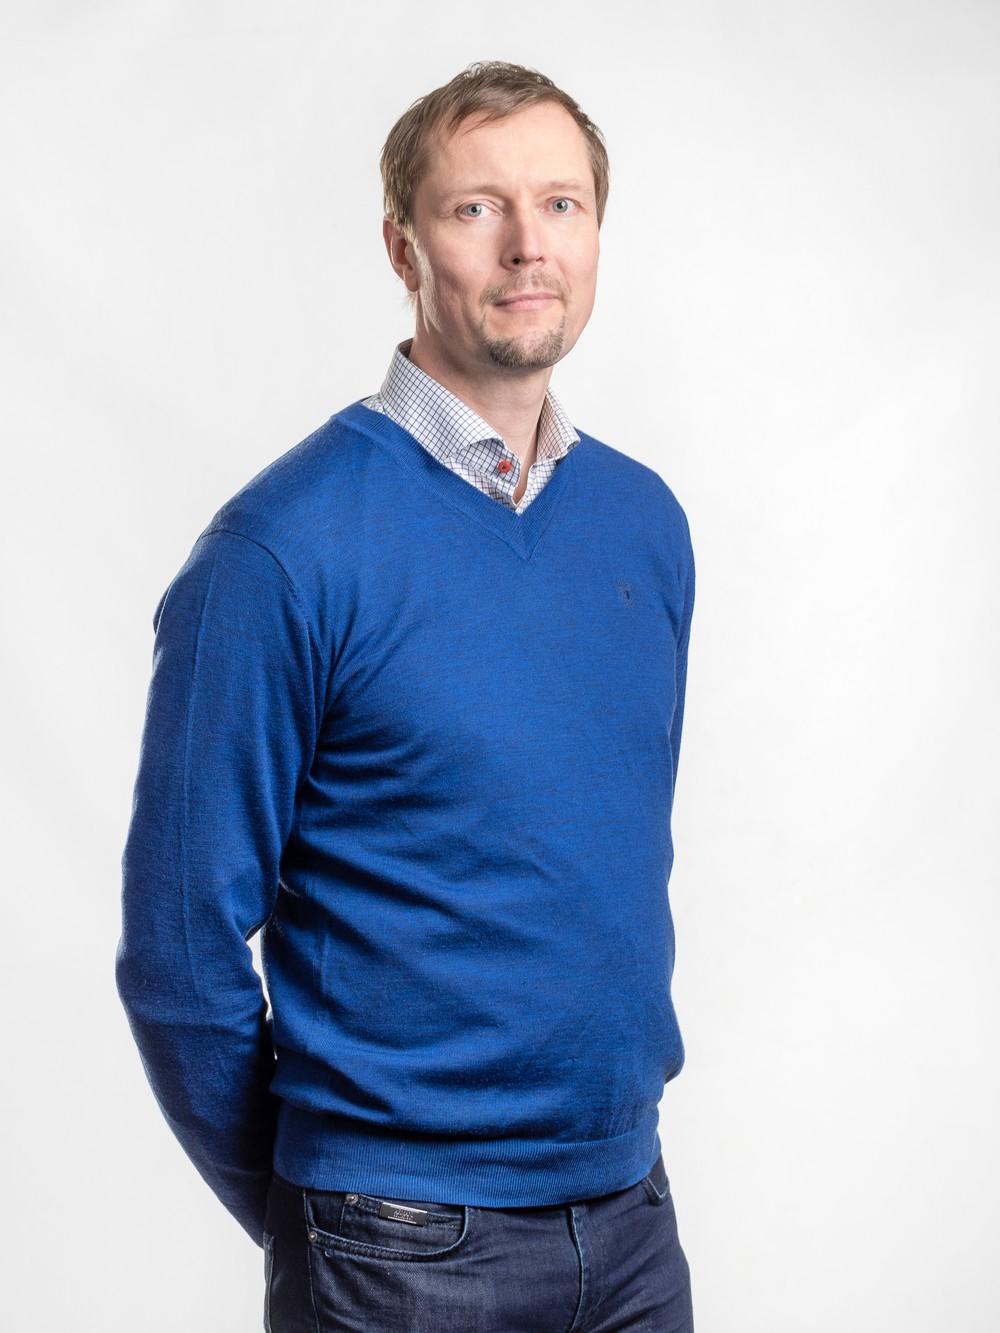 Kokko Antti